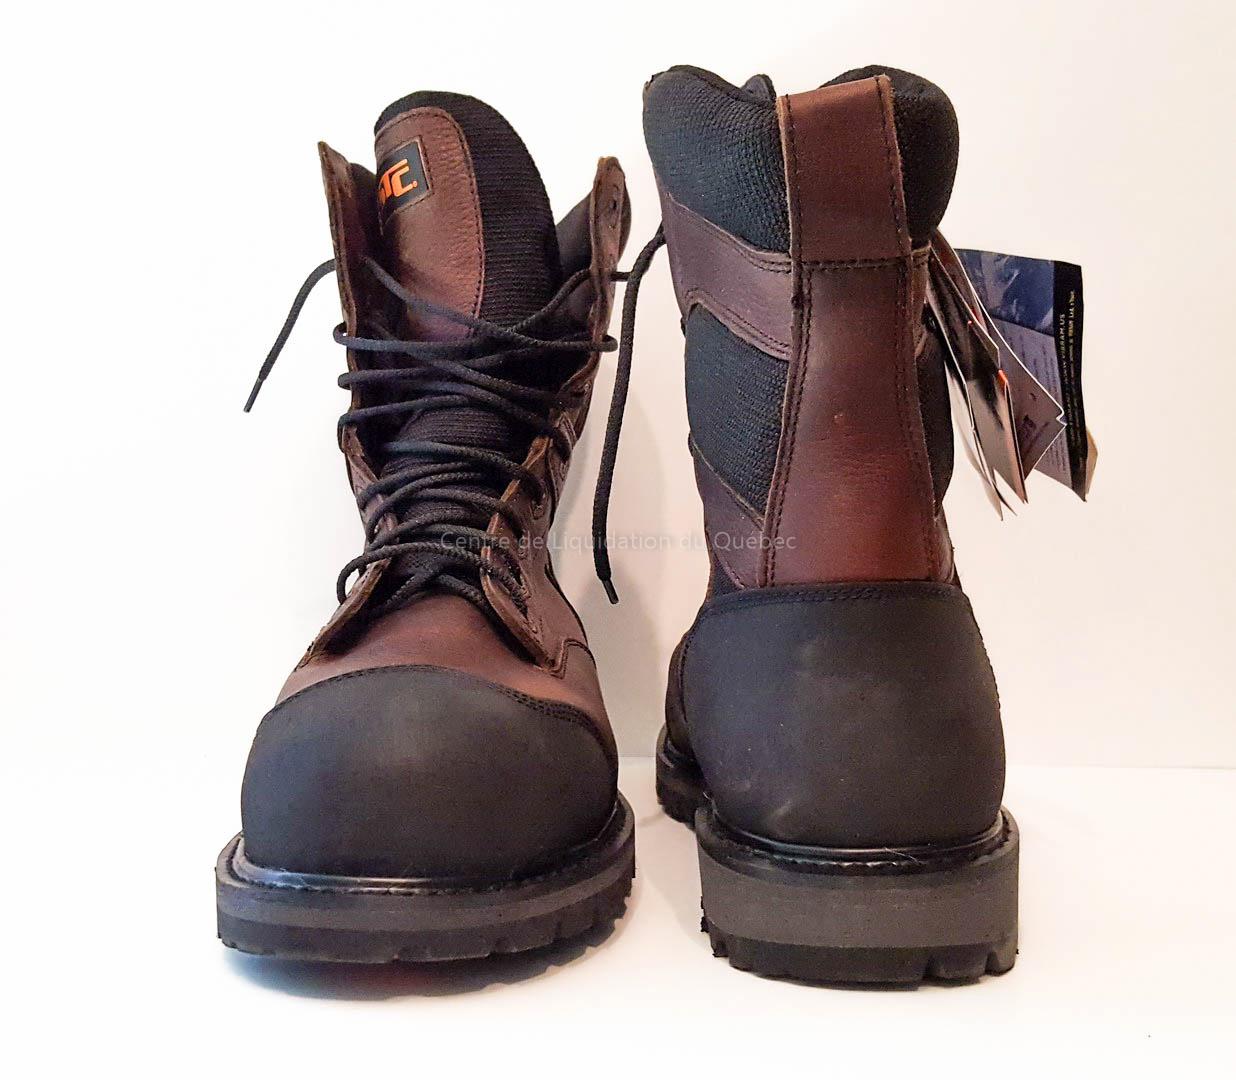 Chaussure de sécurité STC - Creston (botte sécurité) - Brun